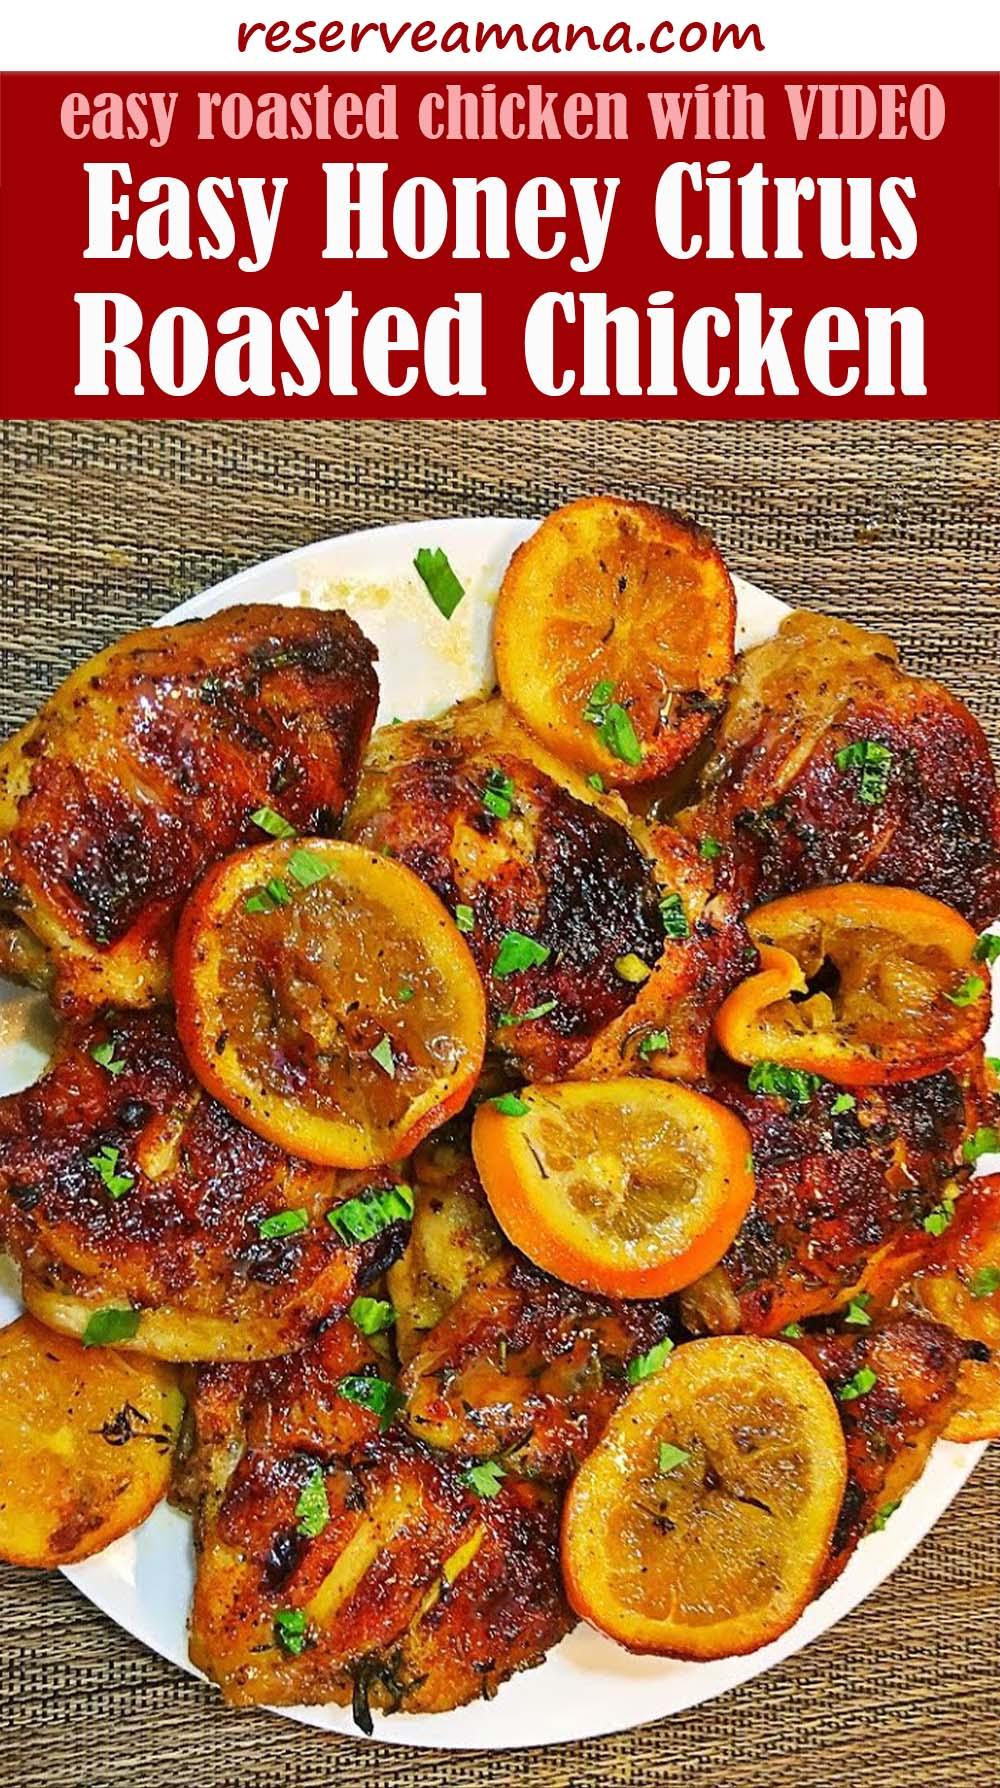 Easy Honey Citrus Roasted Chicken Recipe